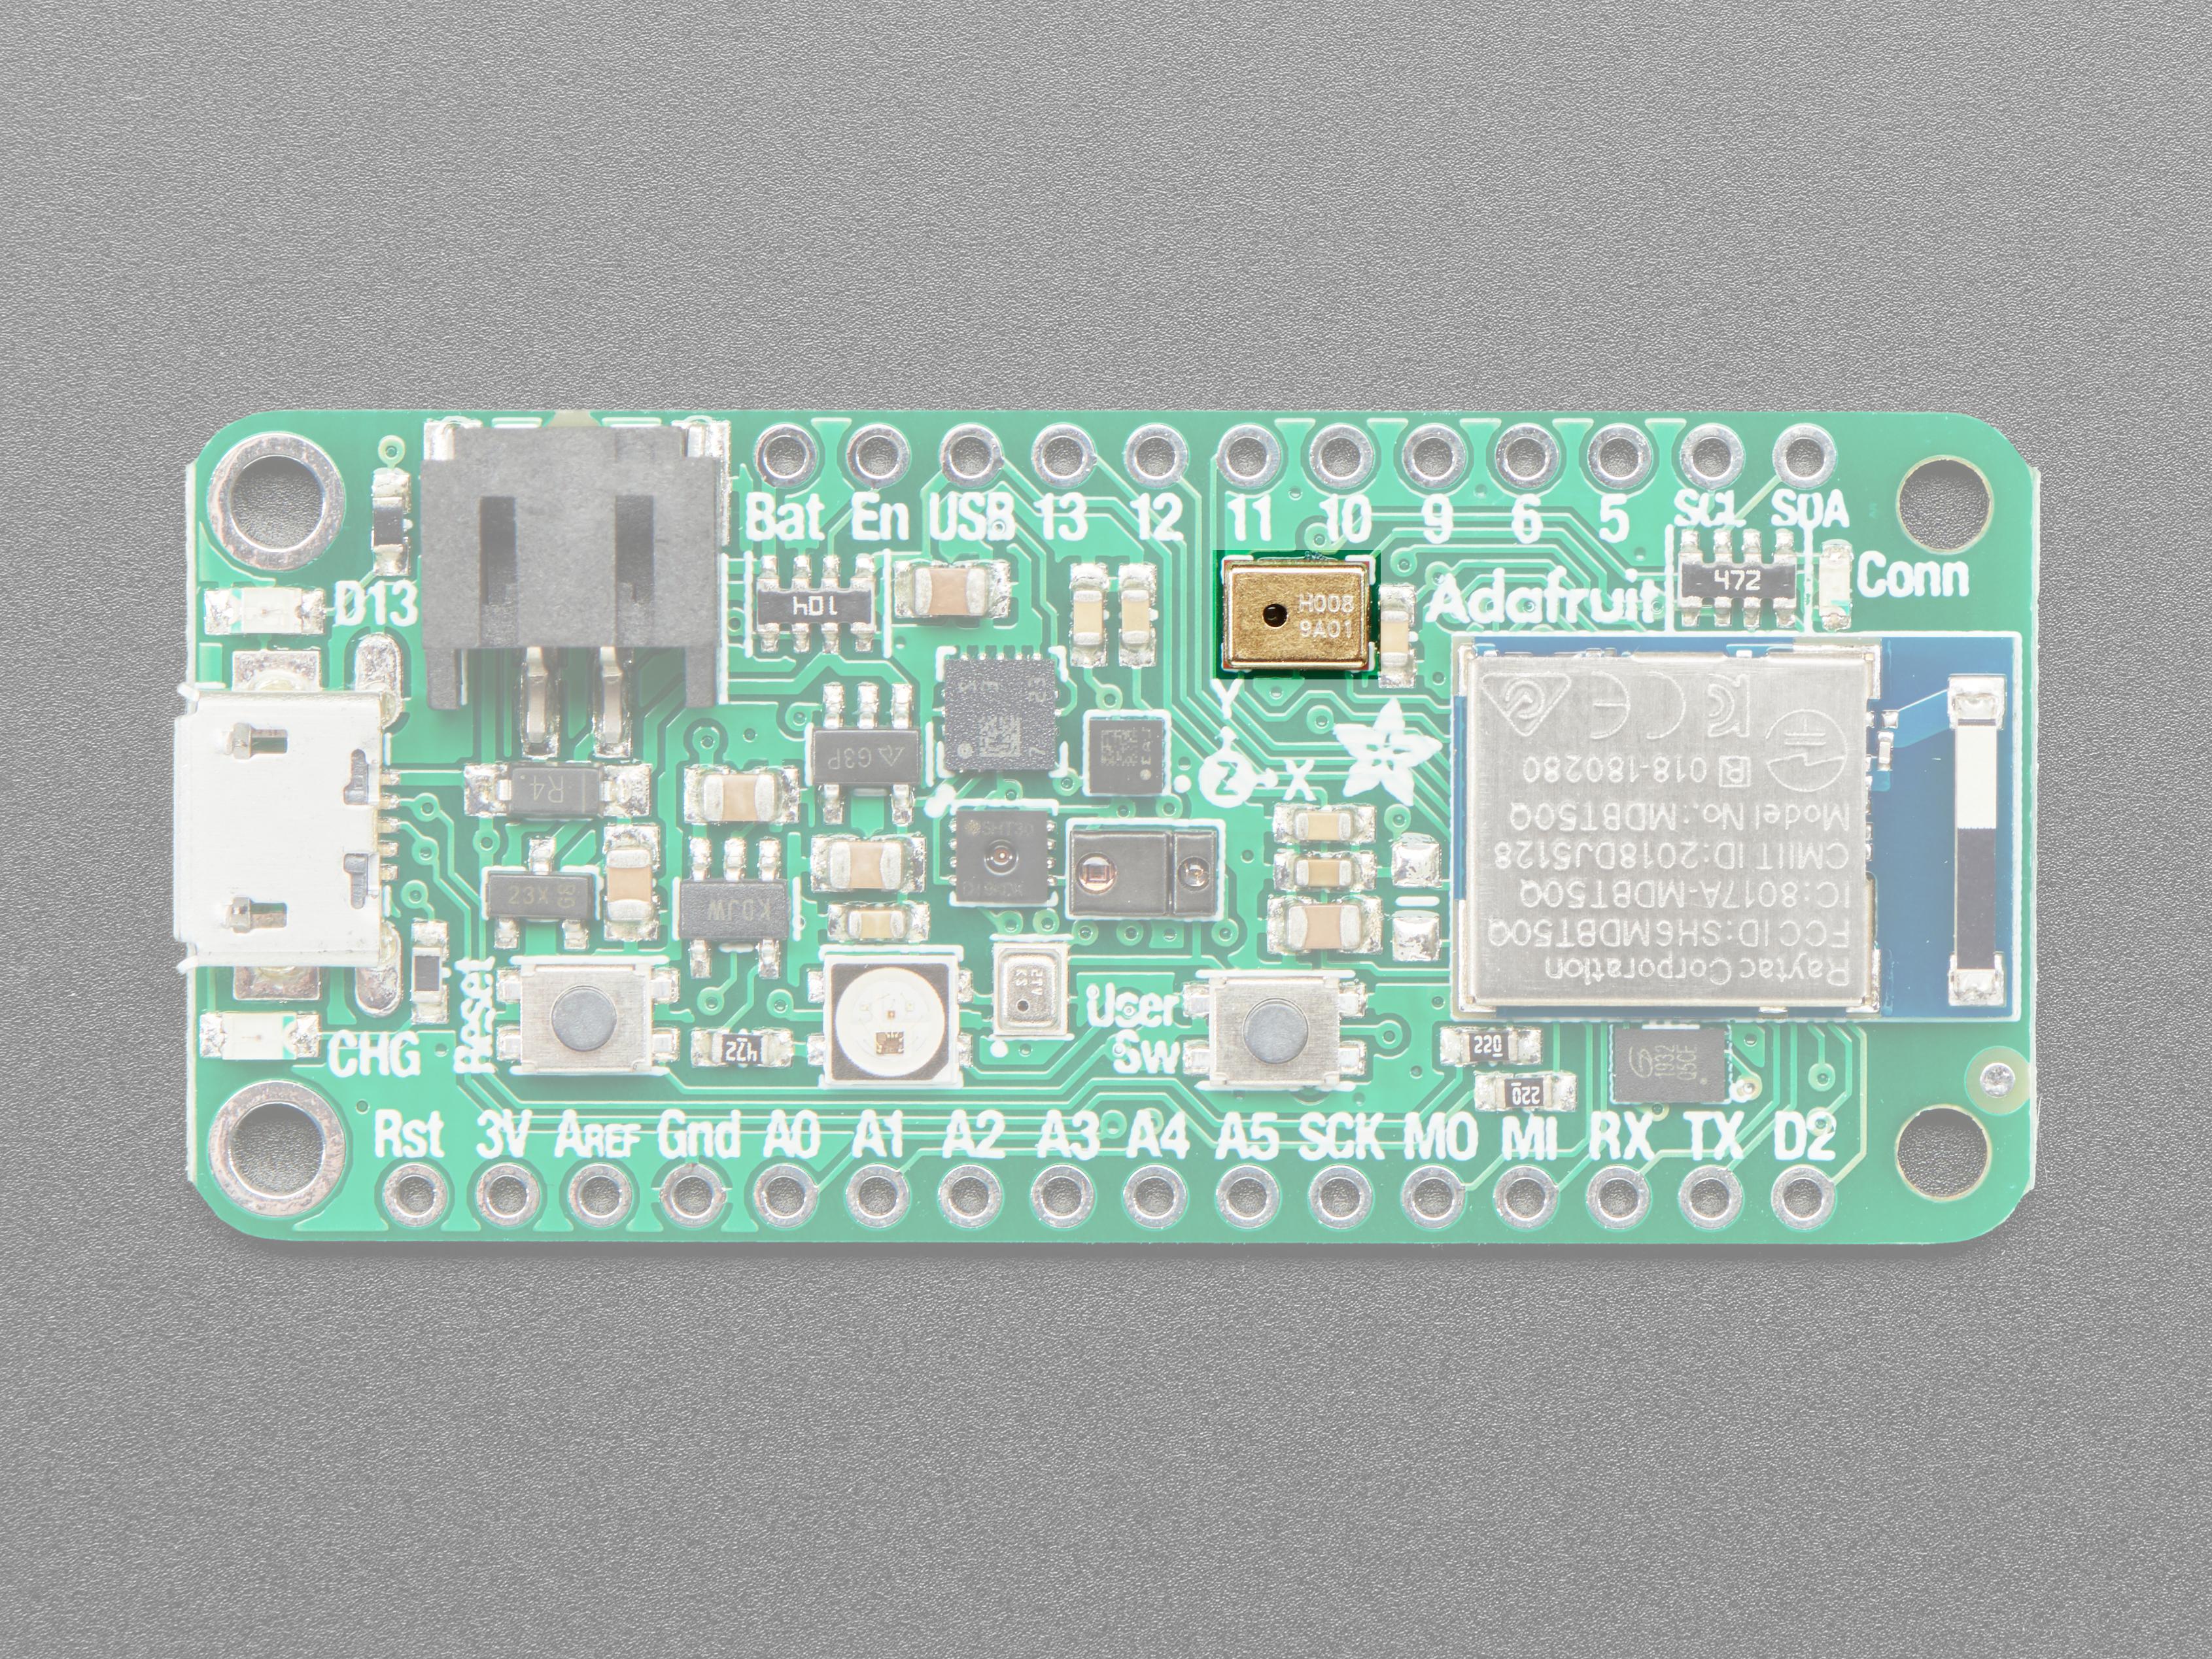 sensors_Feather_Sense_pinouts_PDM_mic.png